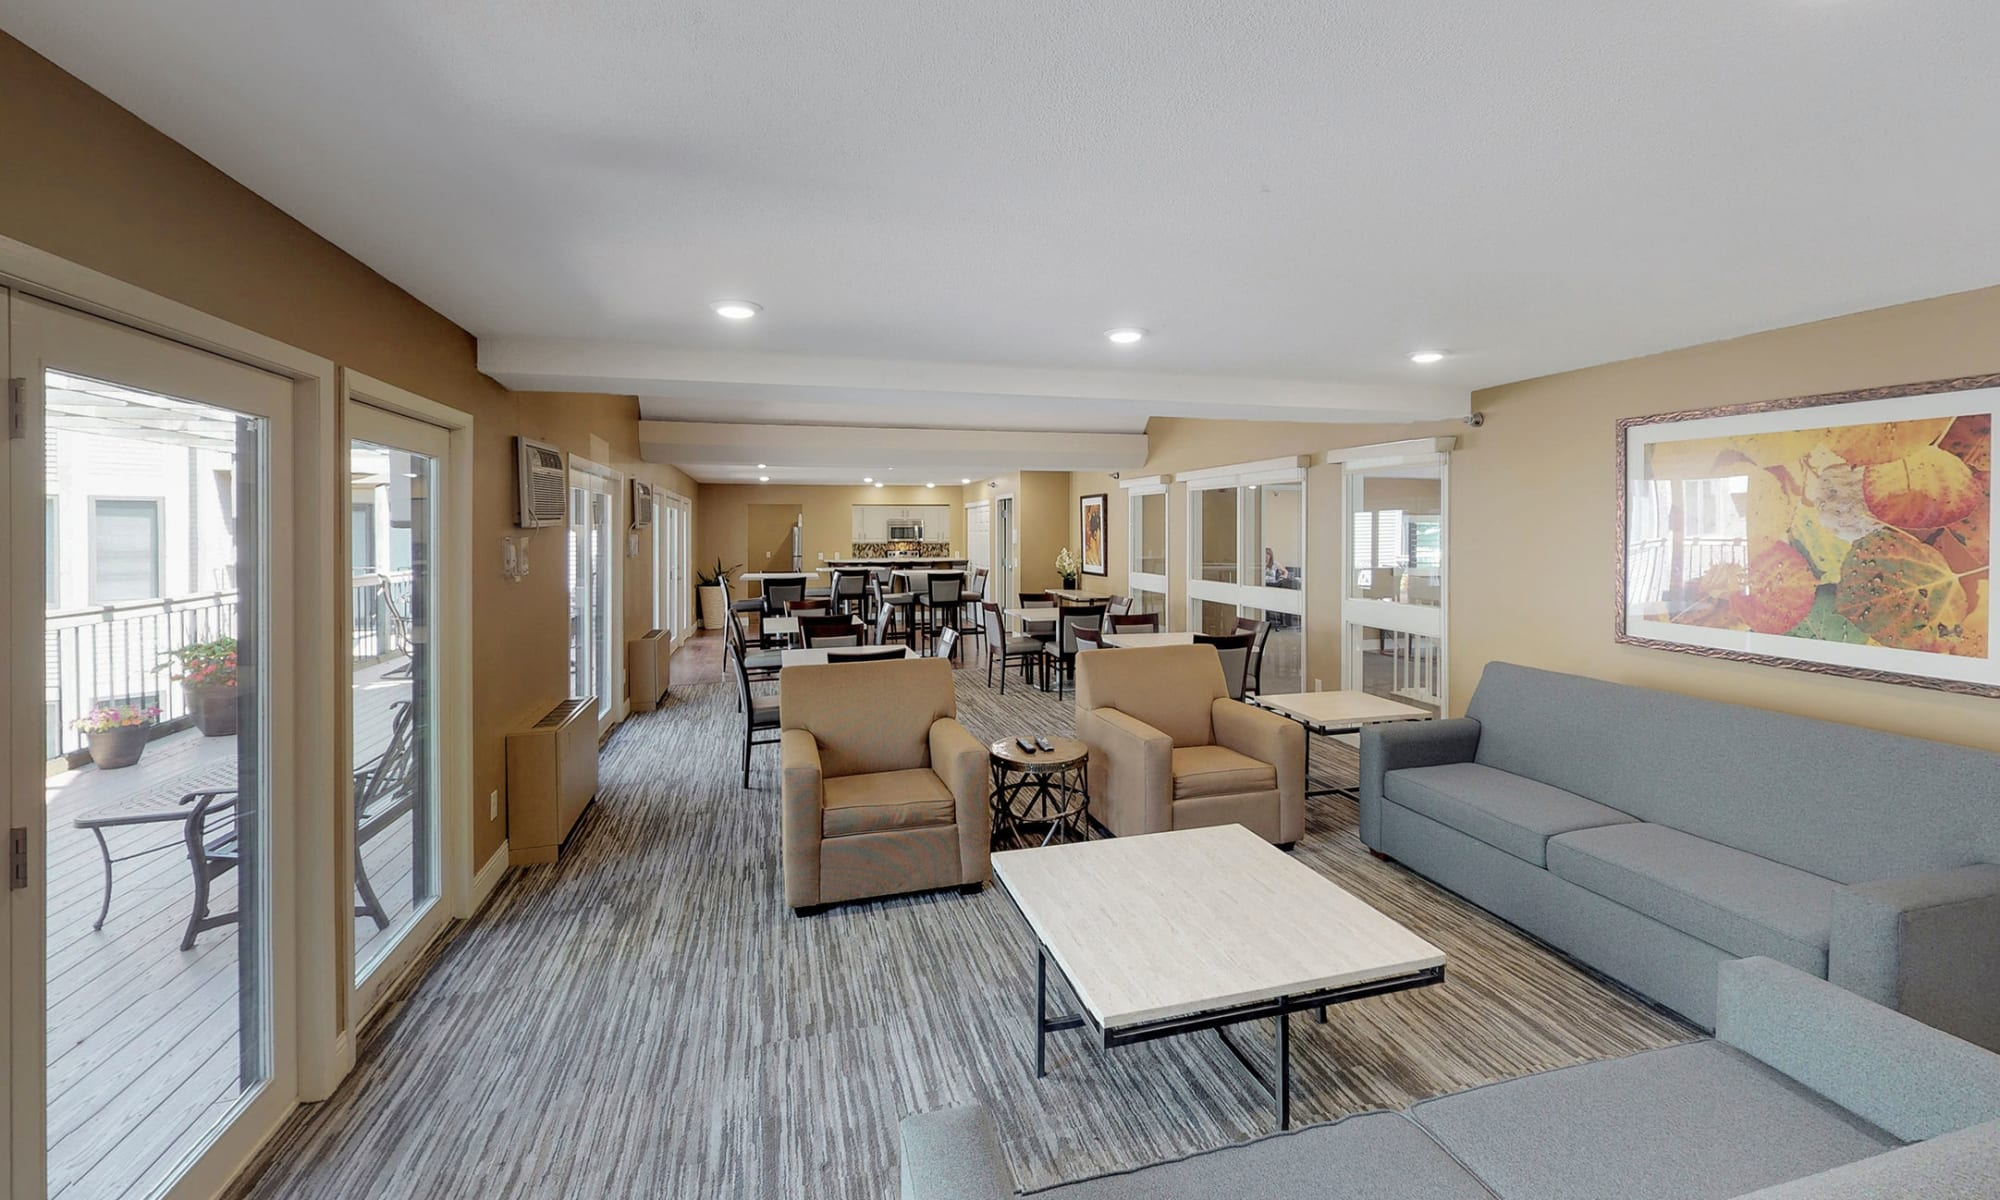 Apartments in Edina, Minnesota at Vernon Oaks